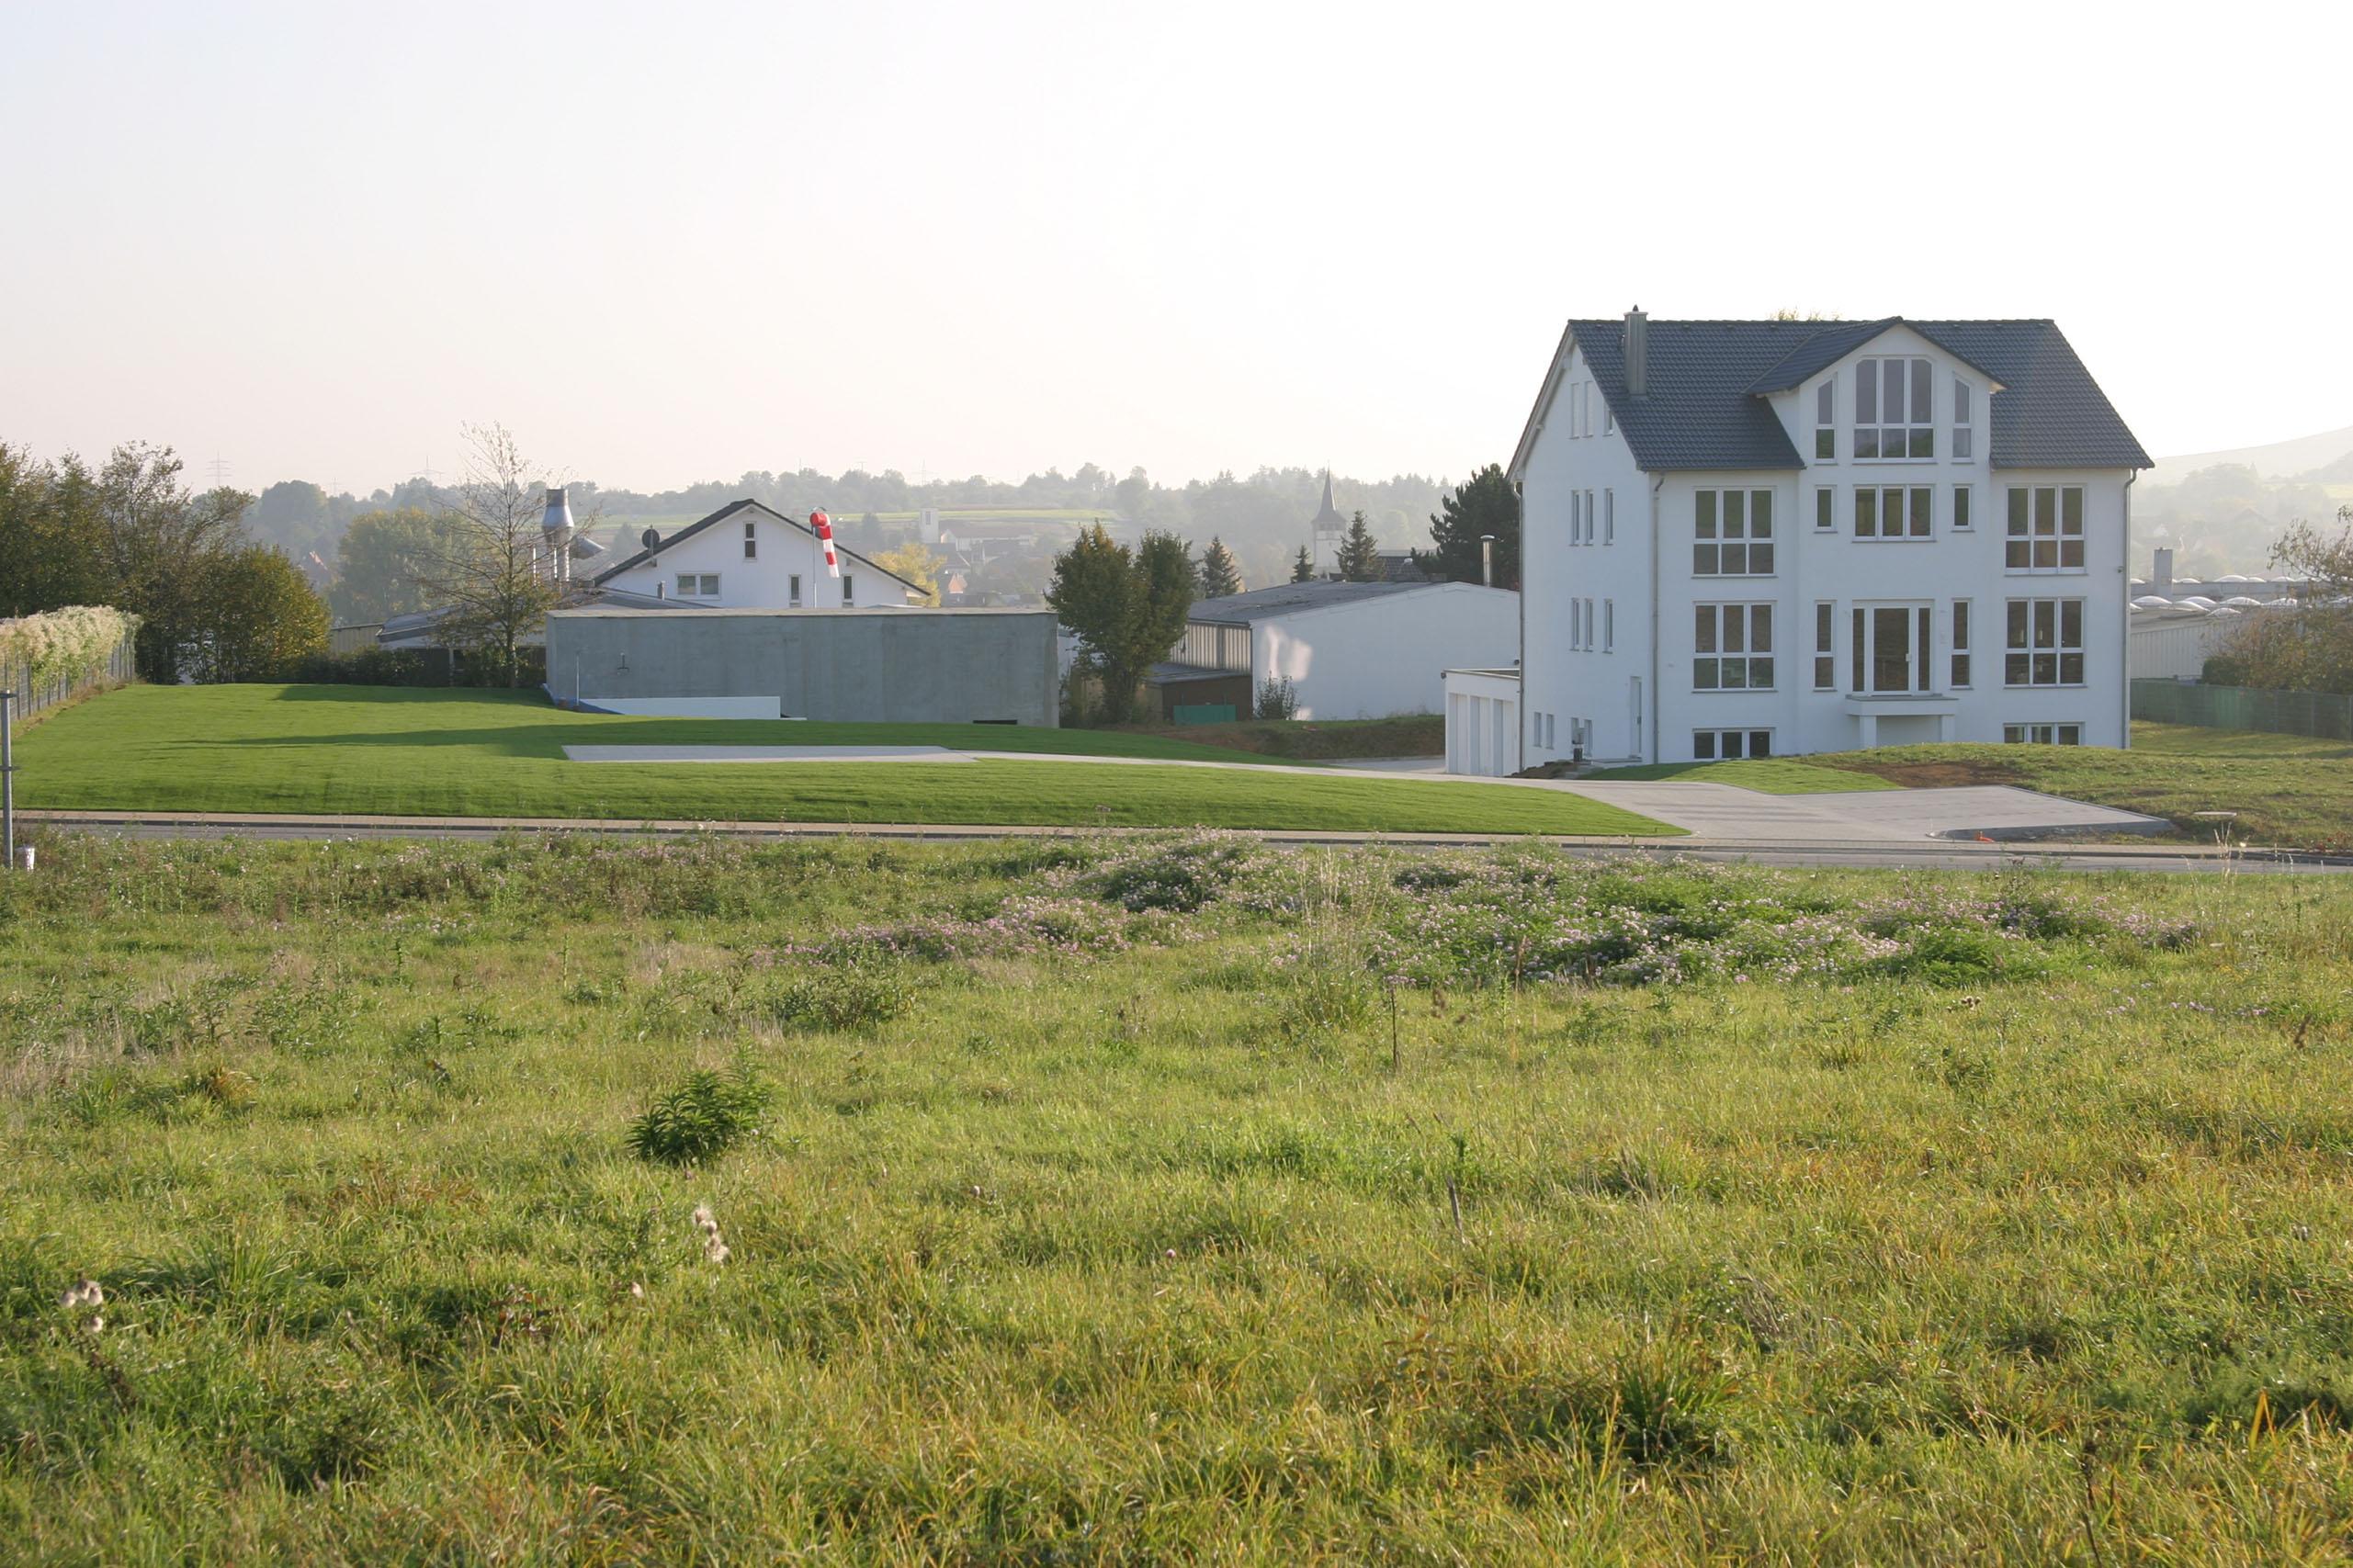 Helikopterhalle und Landeplatz